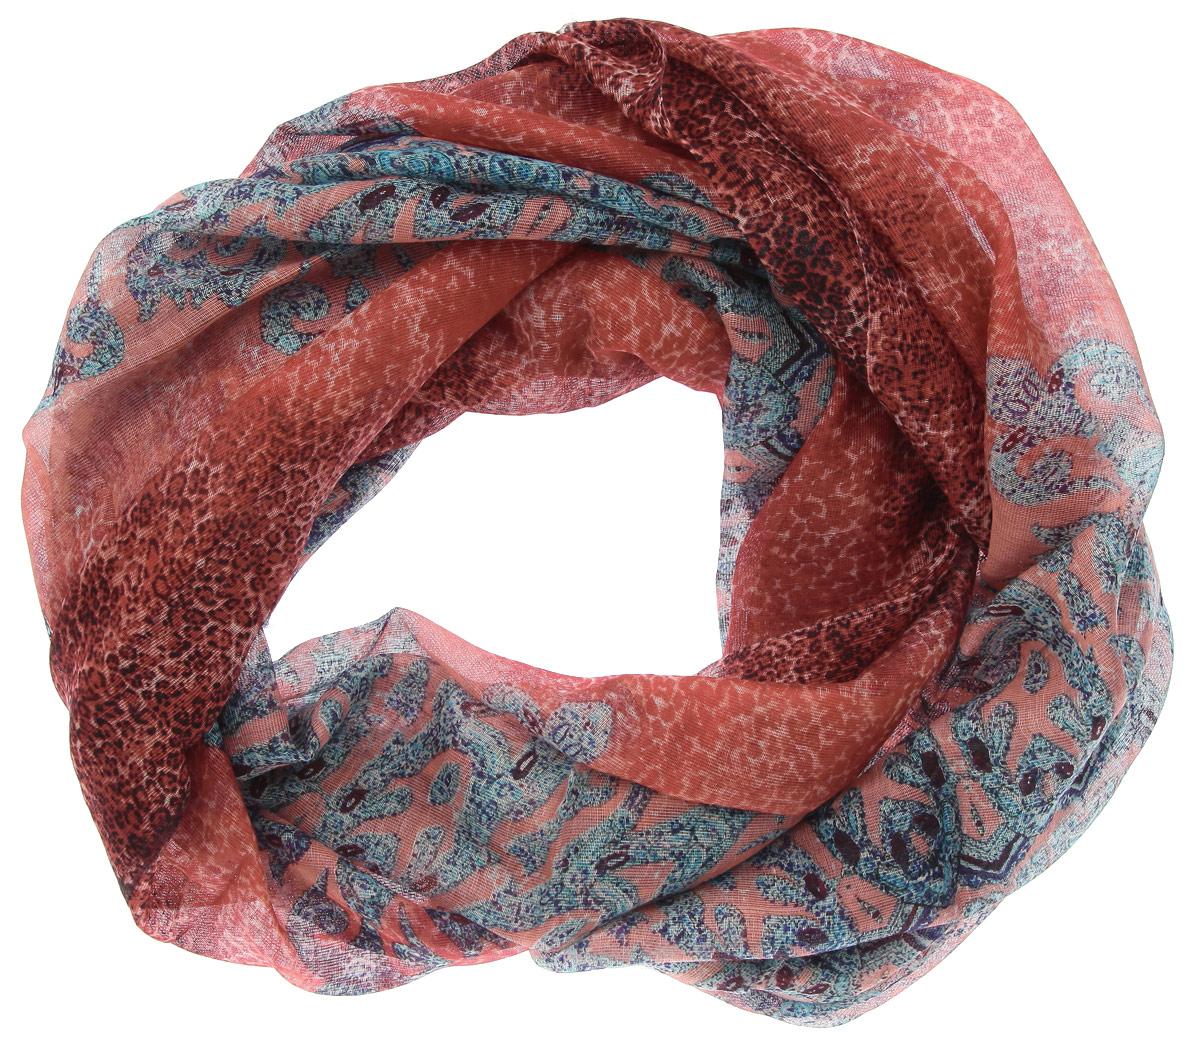 Палантин. 45011014501101-04Яркий палантин Venera средней плотности изготовлен из шерсти и шелка. Теплая ткань согреет от знойного ветра и холода, а яркие красивые кружки по всему аксессуару придадут вашему образу стильности, поднимут настроение и позволят сочетать палантин с одеждой любой цветовой гаммы. Этот модный аксессуар женского гардероба гармонично дополнит образ современной женщины, следящей за своим имиджем и стремящейся всегда оставаться стильной и элегантной. В этом палантине вы всегда будете выглядеть женственной и привлекательной.